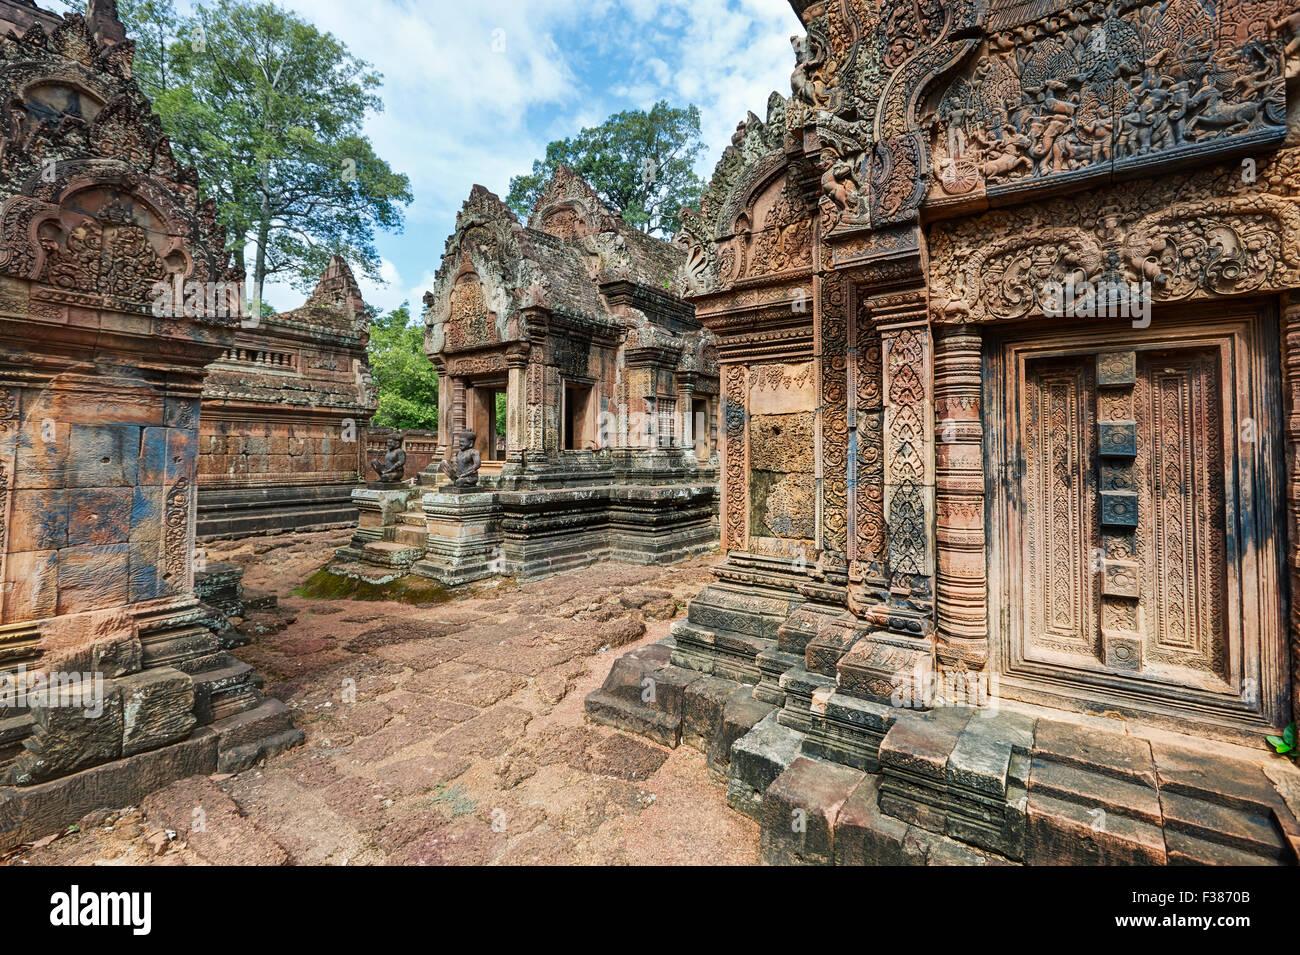 Edificios de piedra del antiguo templo de Banteay Srei cubiertos de intrincadas tallas. Parque Arqueológico de Angkor, Provincia de Siem Reap, Camboya. Foto de stock